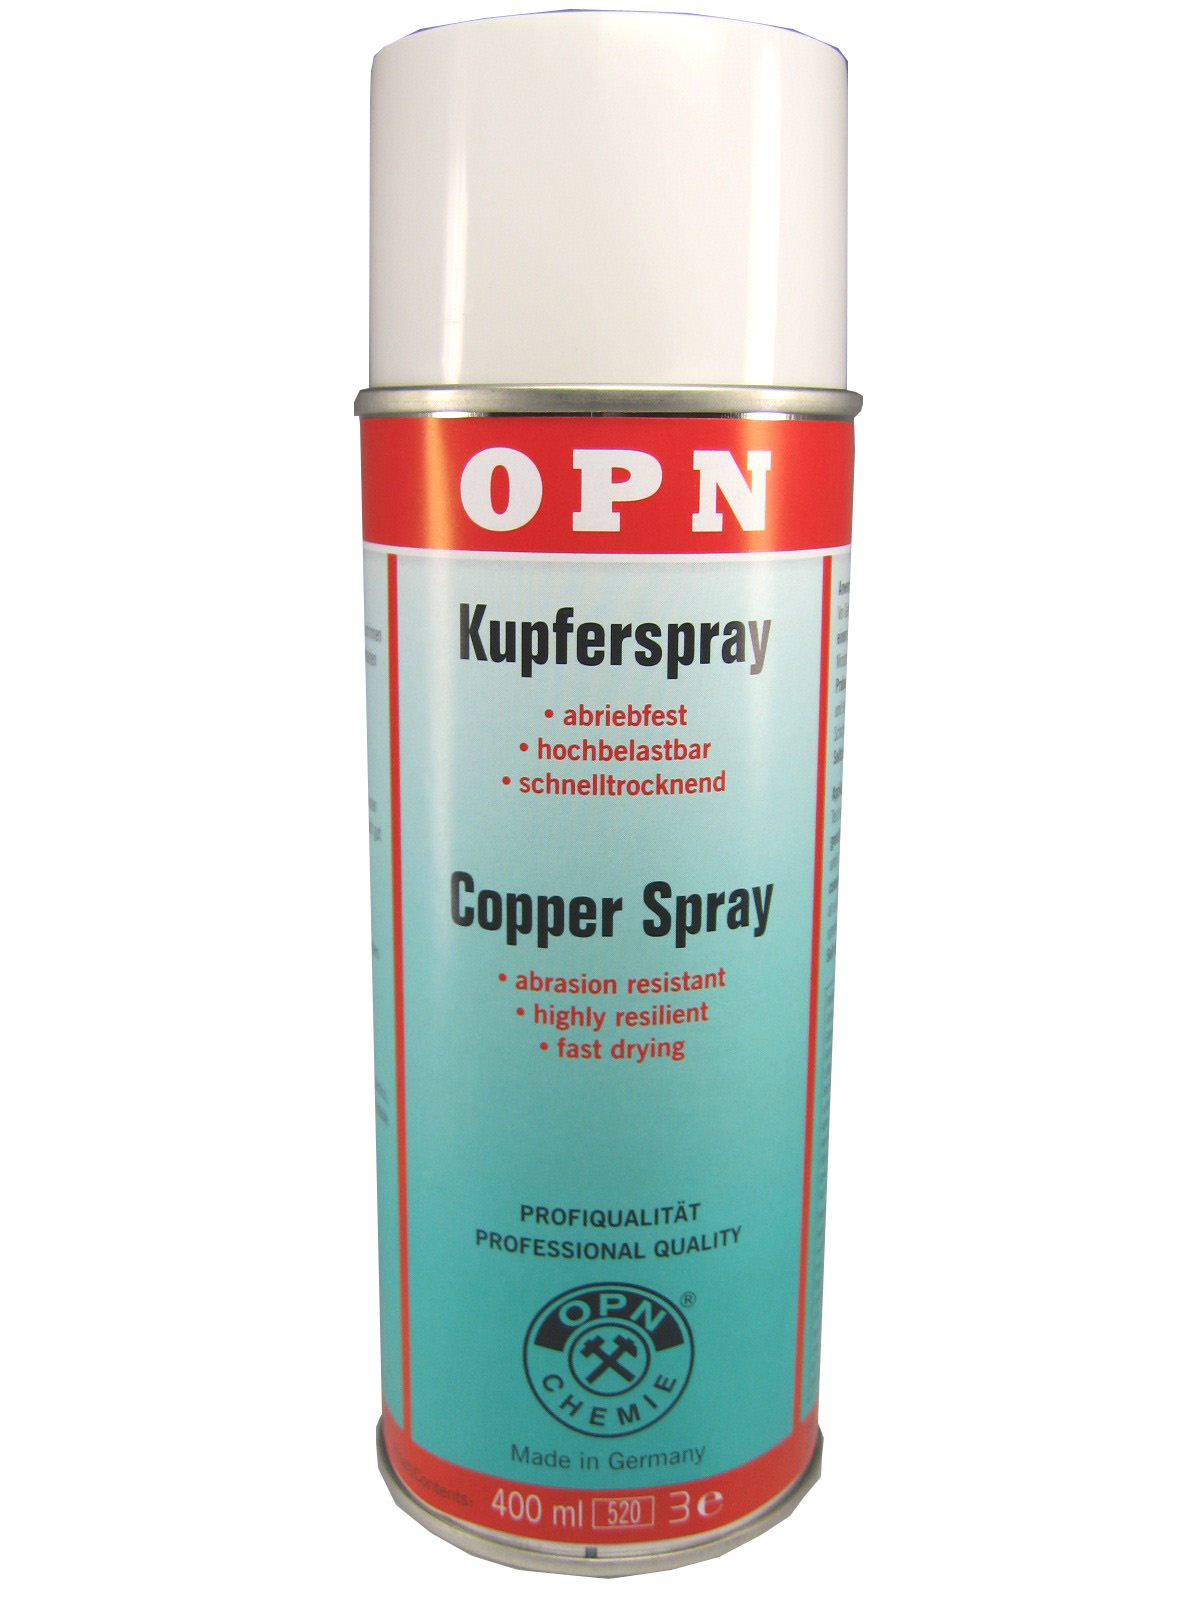 Kupferspray